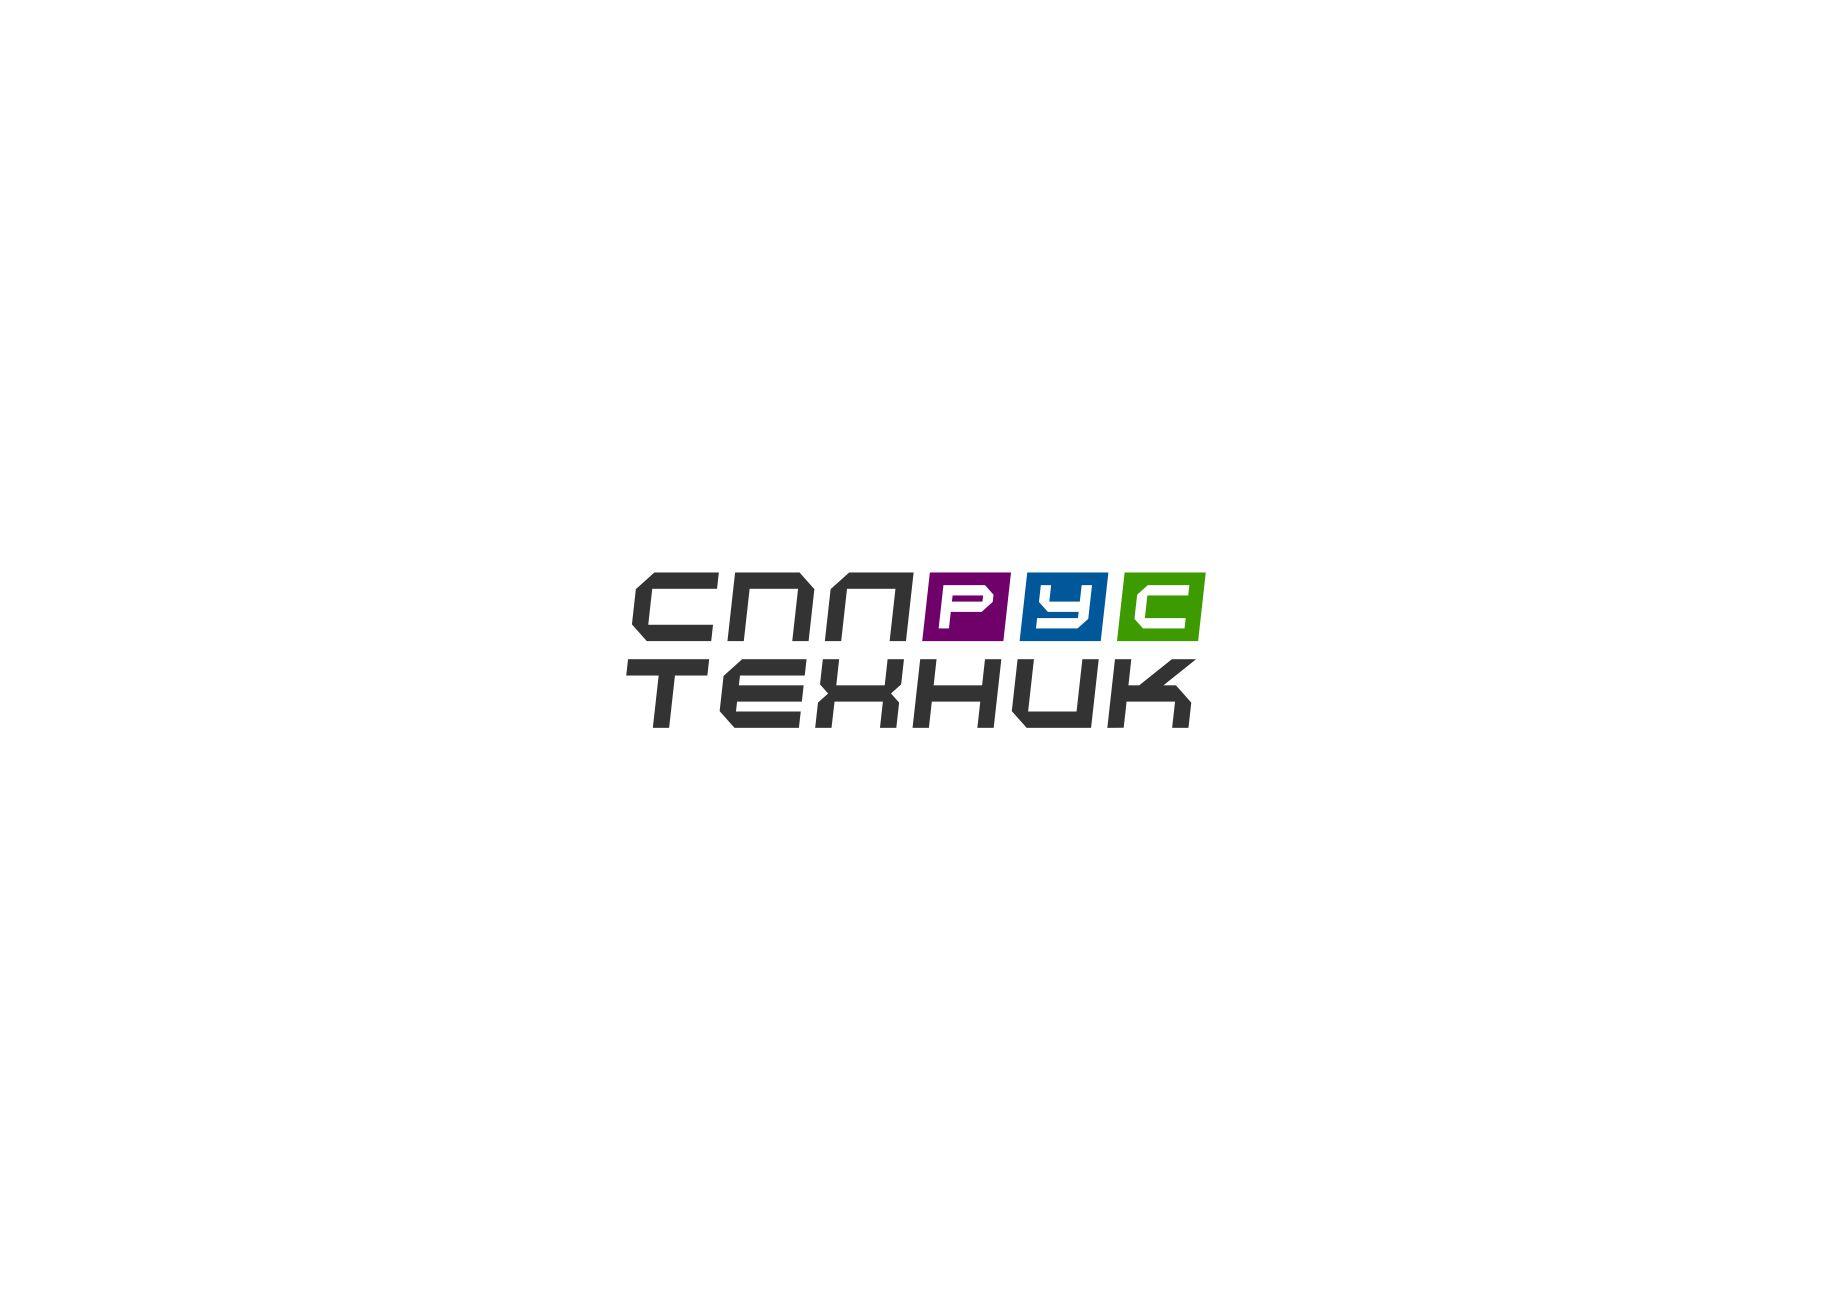 Разработка логотипа и фирменного стиля фото f_46959b02f3cc223f.jpg